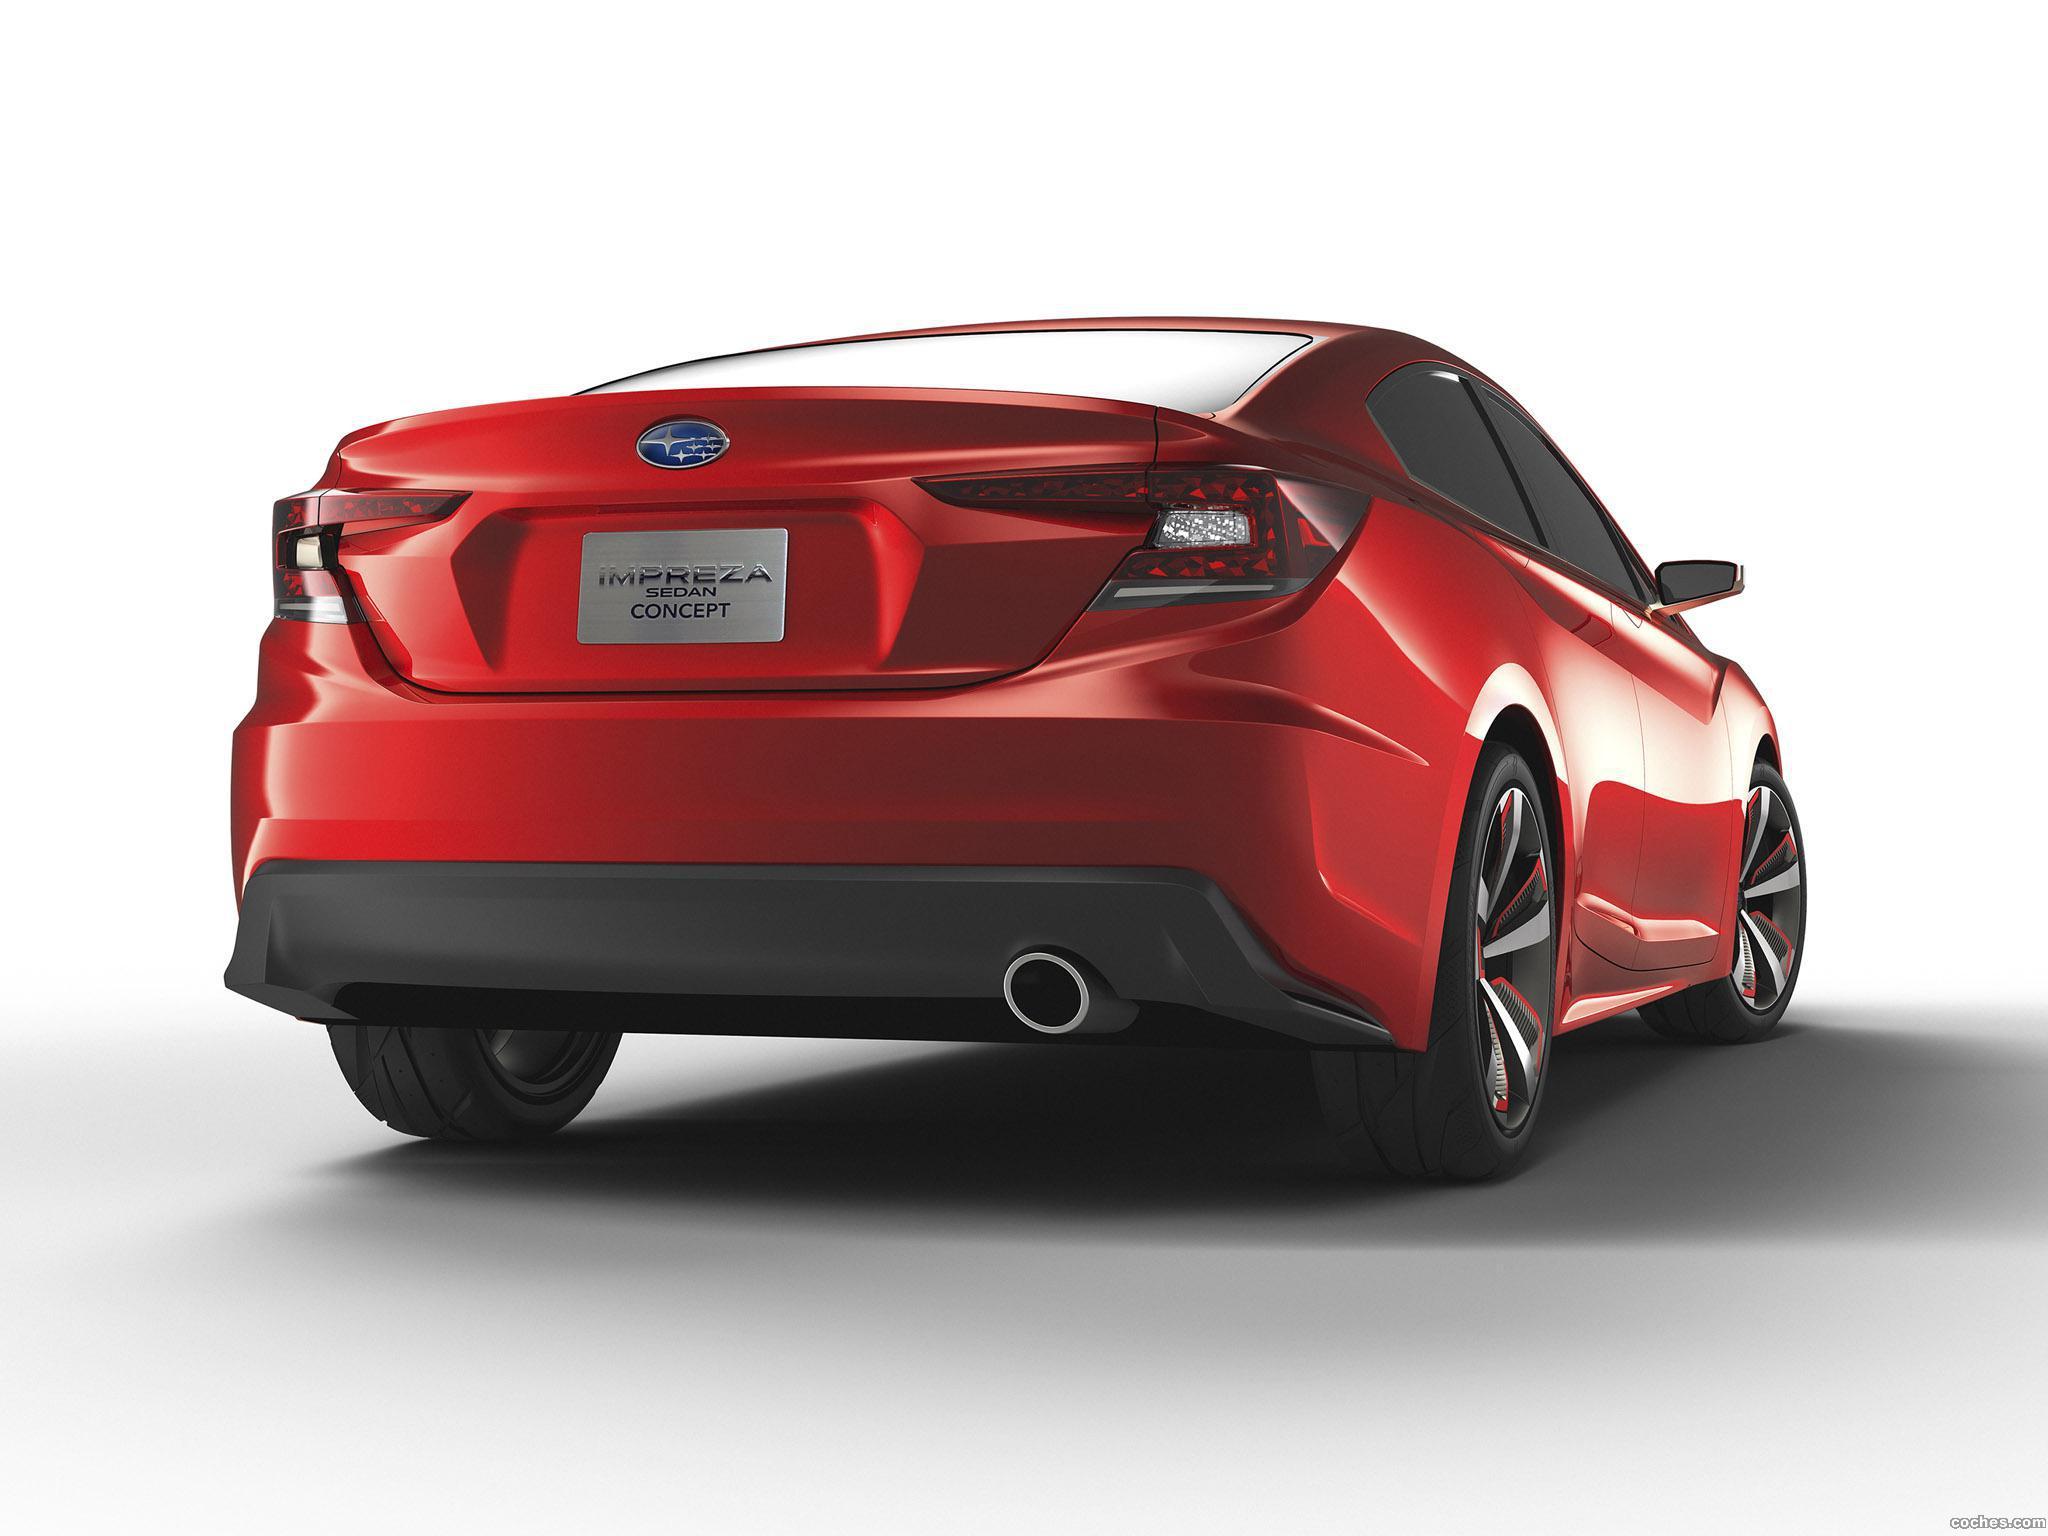 Foto 4 de Subaru Impreza Sedan Concept 2015